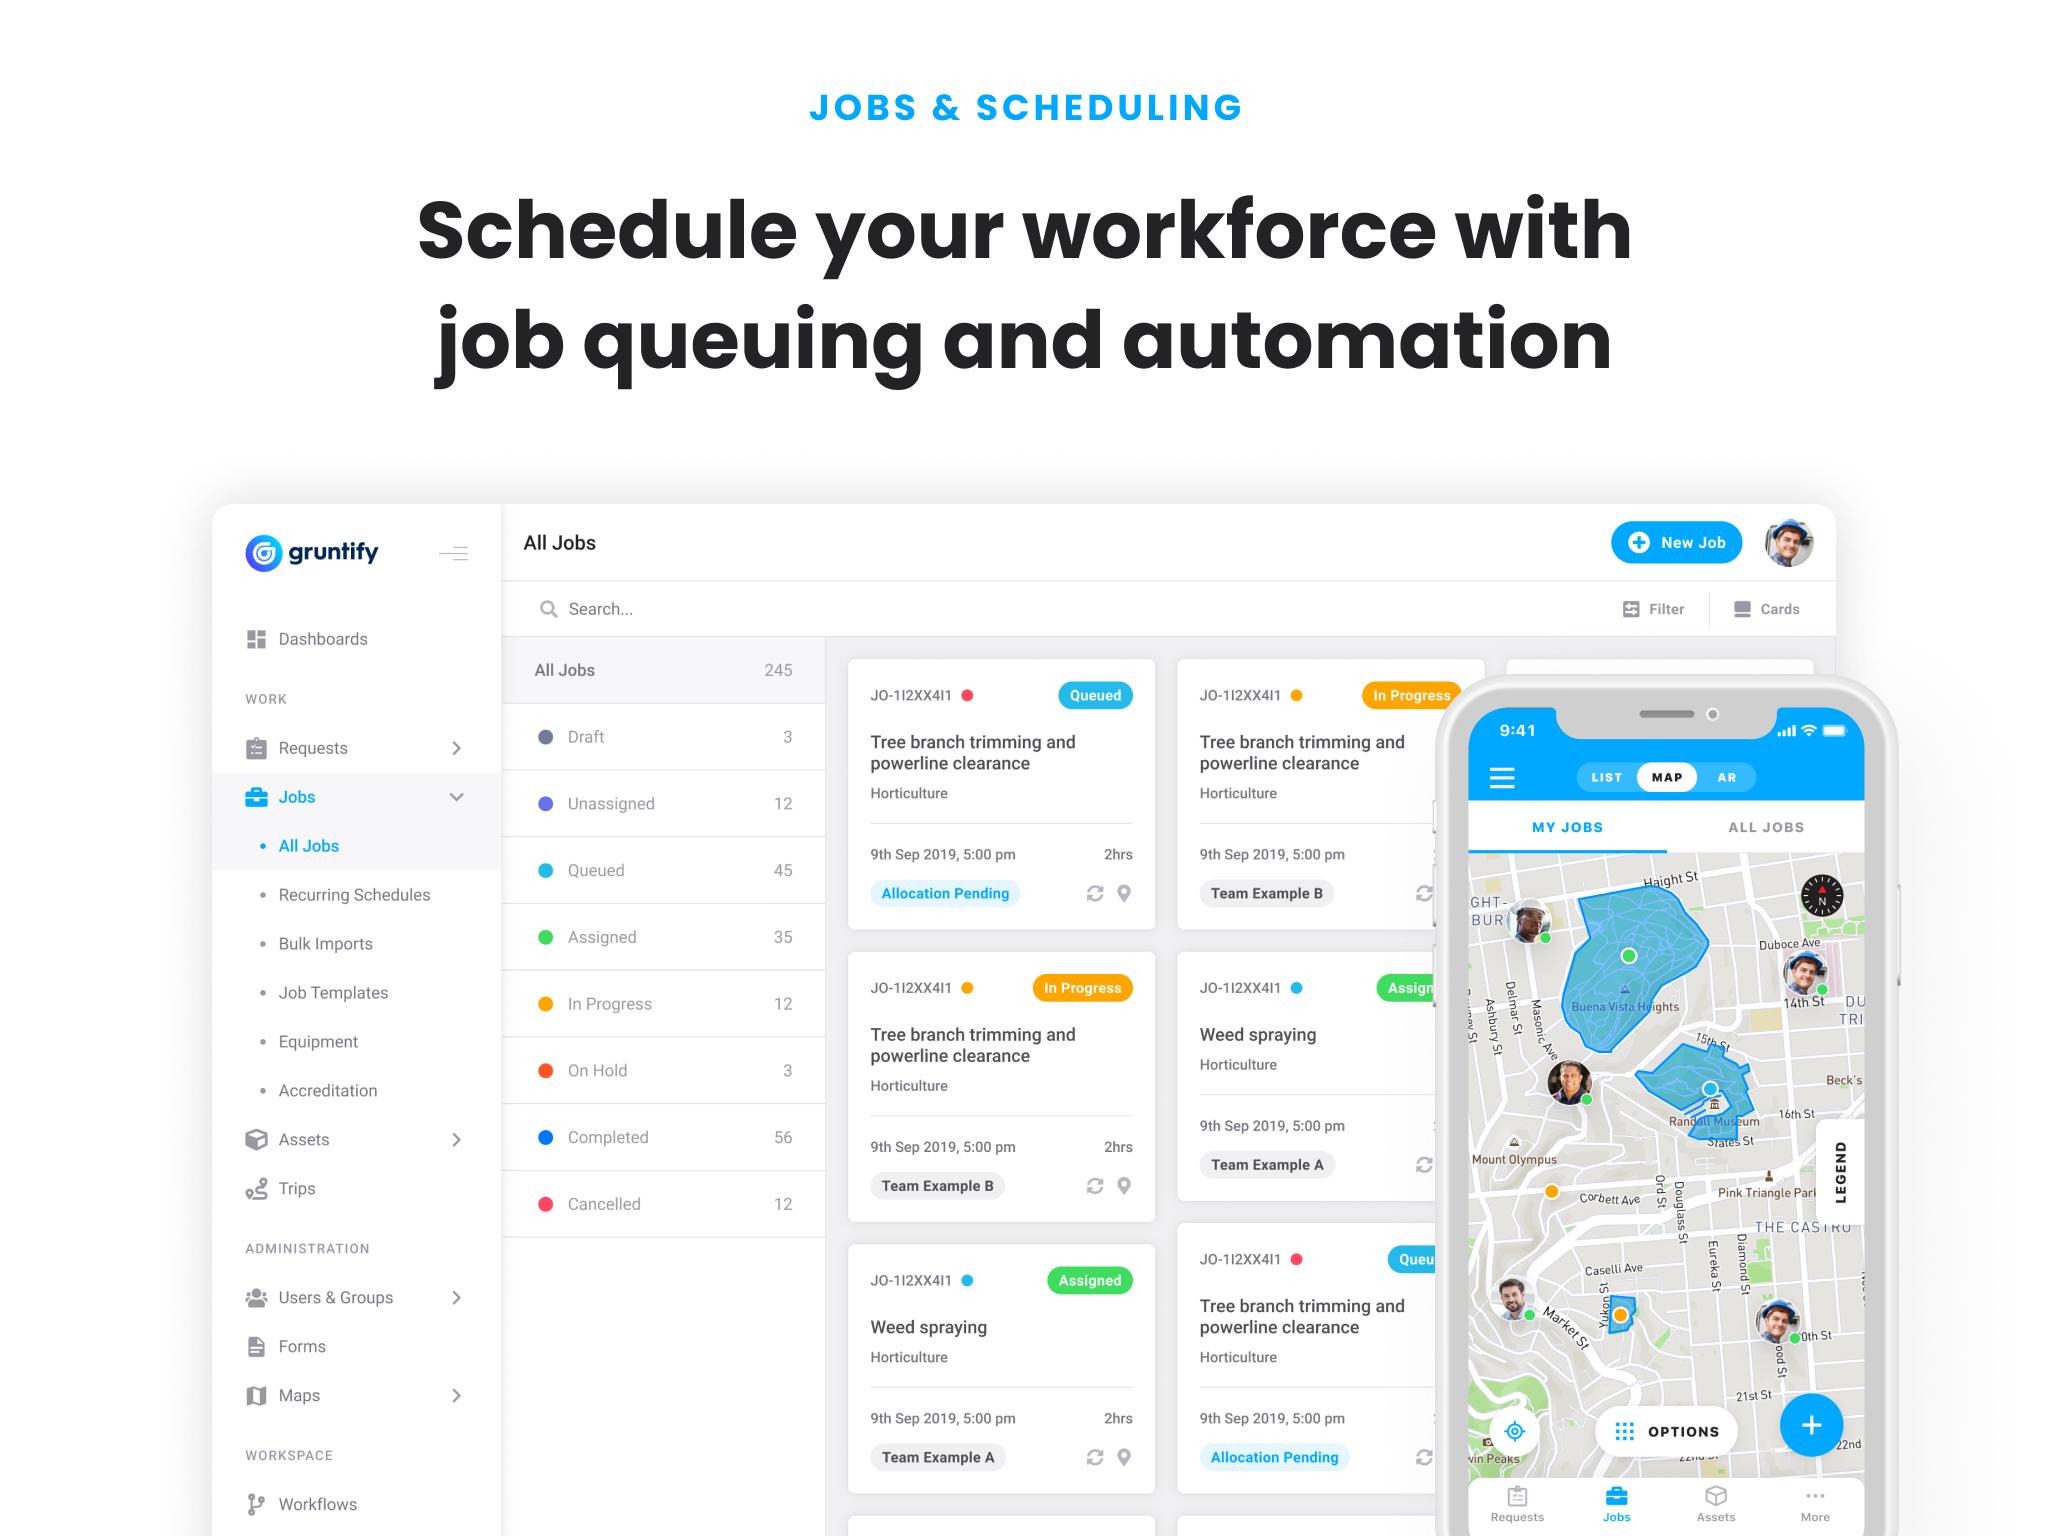 Jobs & Scheduling